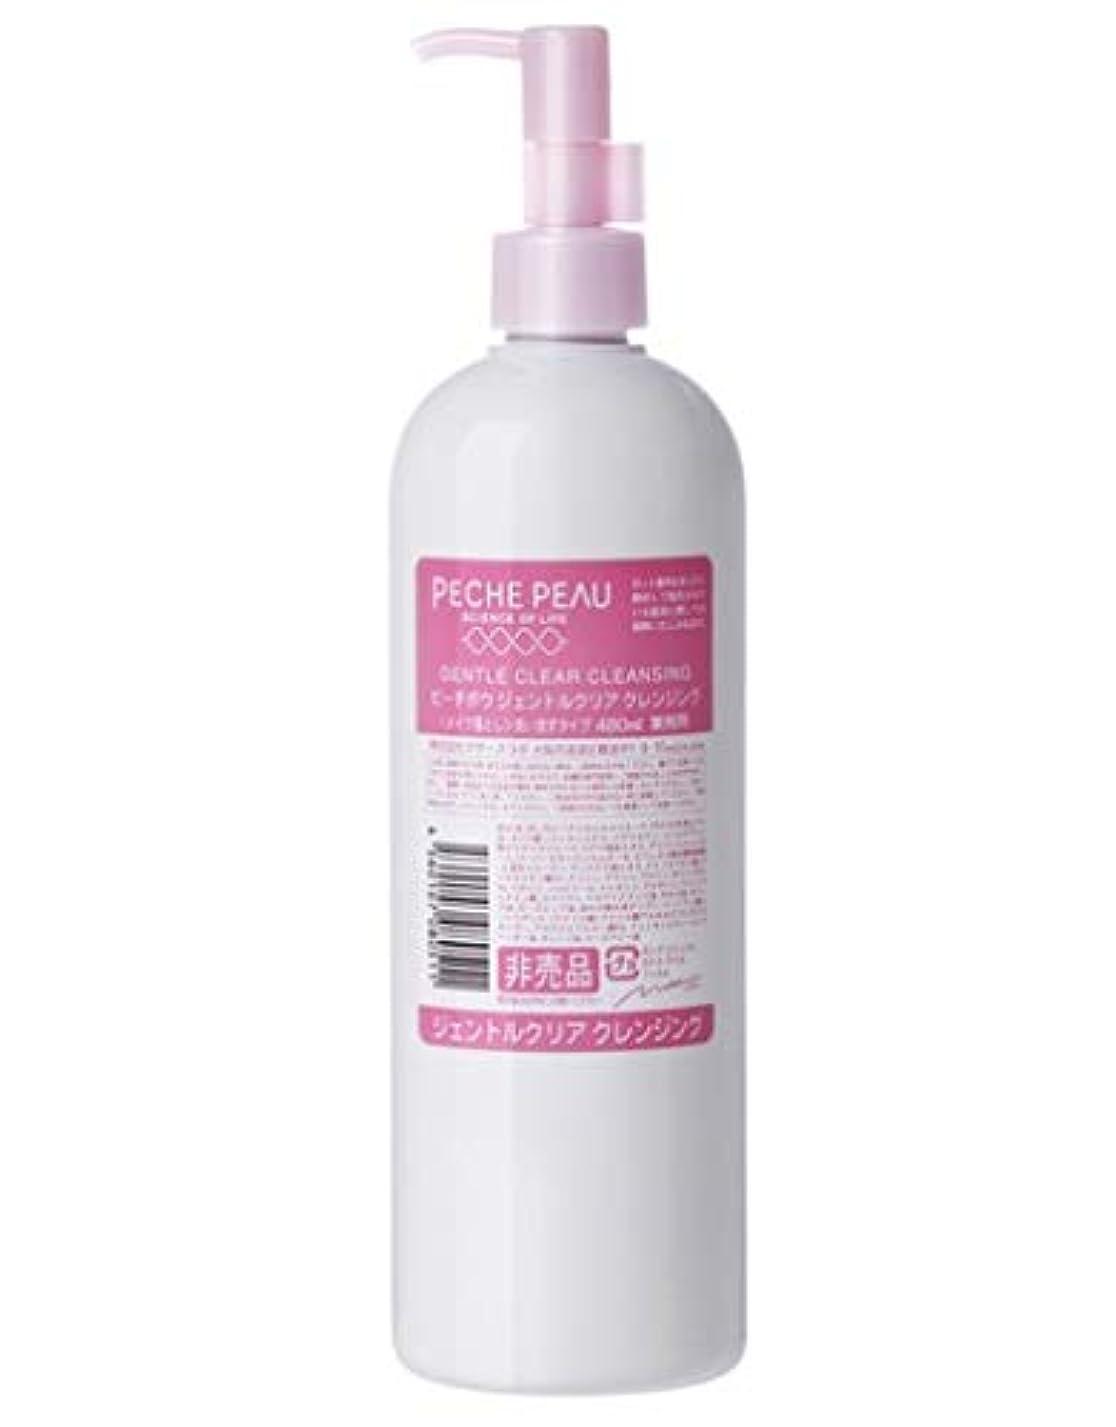 スペイン語部屋を掃除する寛容PECHE PEAU ピーチポウ ジェントルクリアクレンジング 480ml